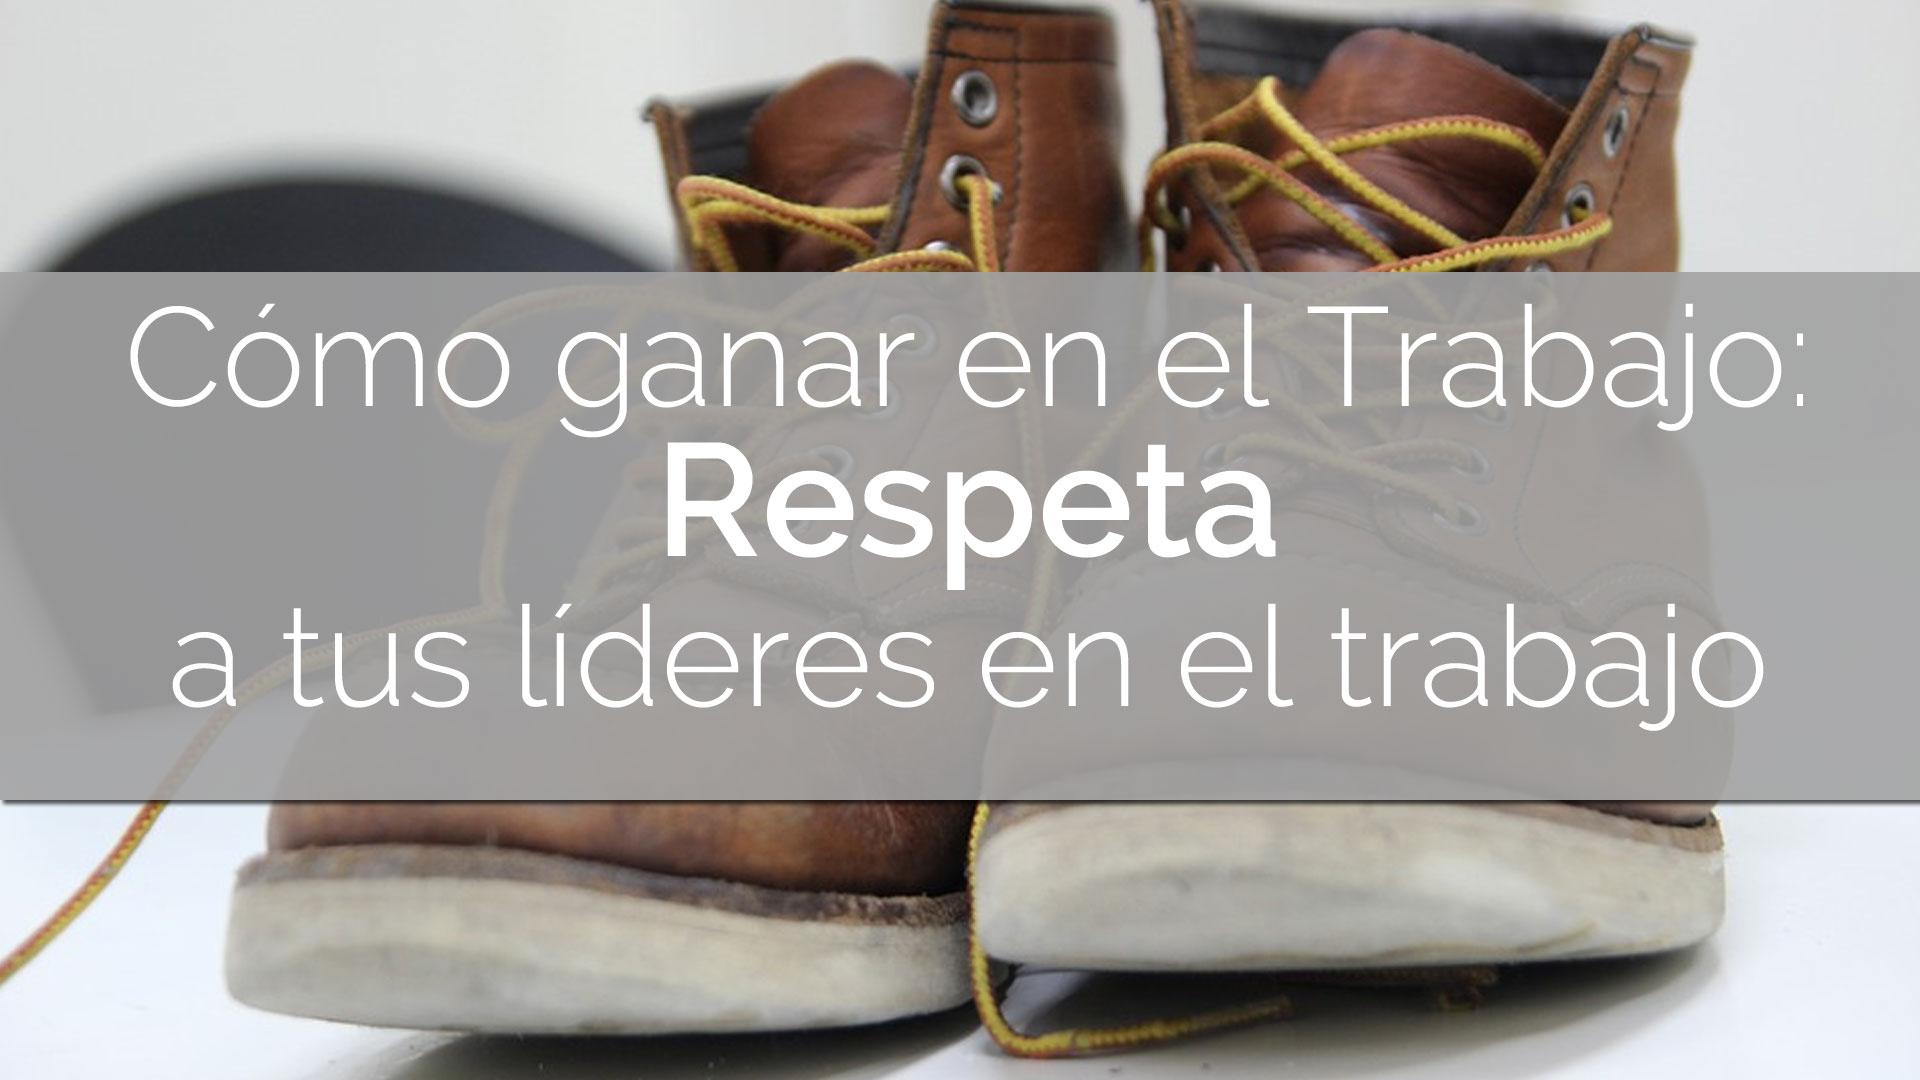 Respeta-a-tus-lideres-en-el-trabajo